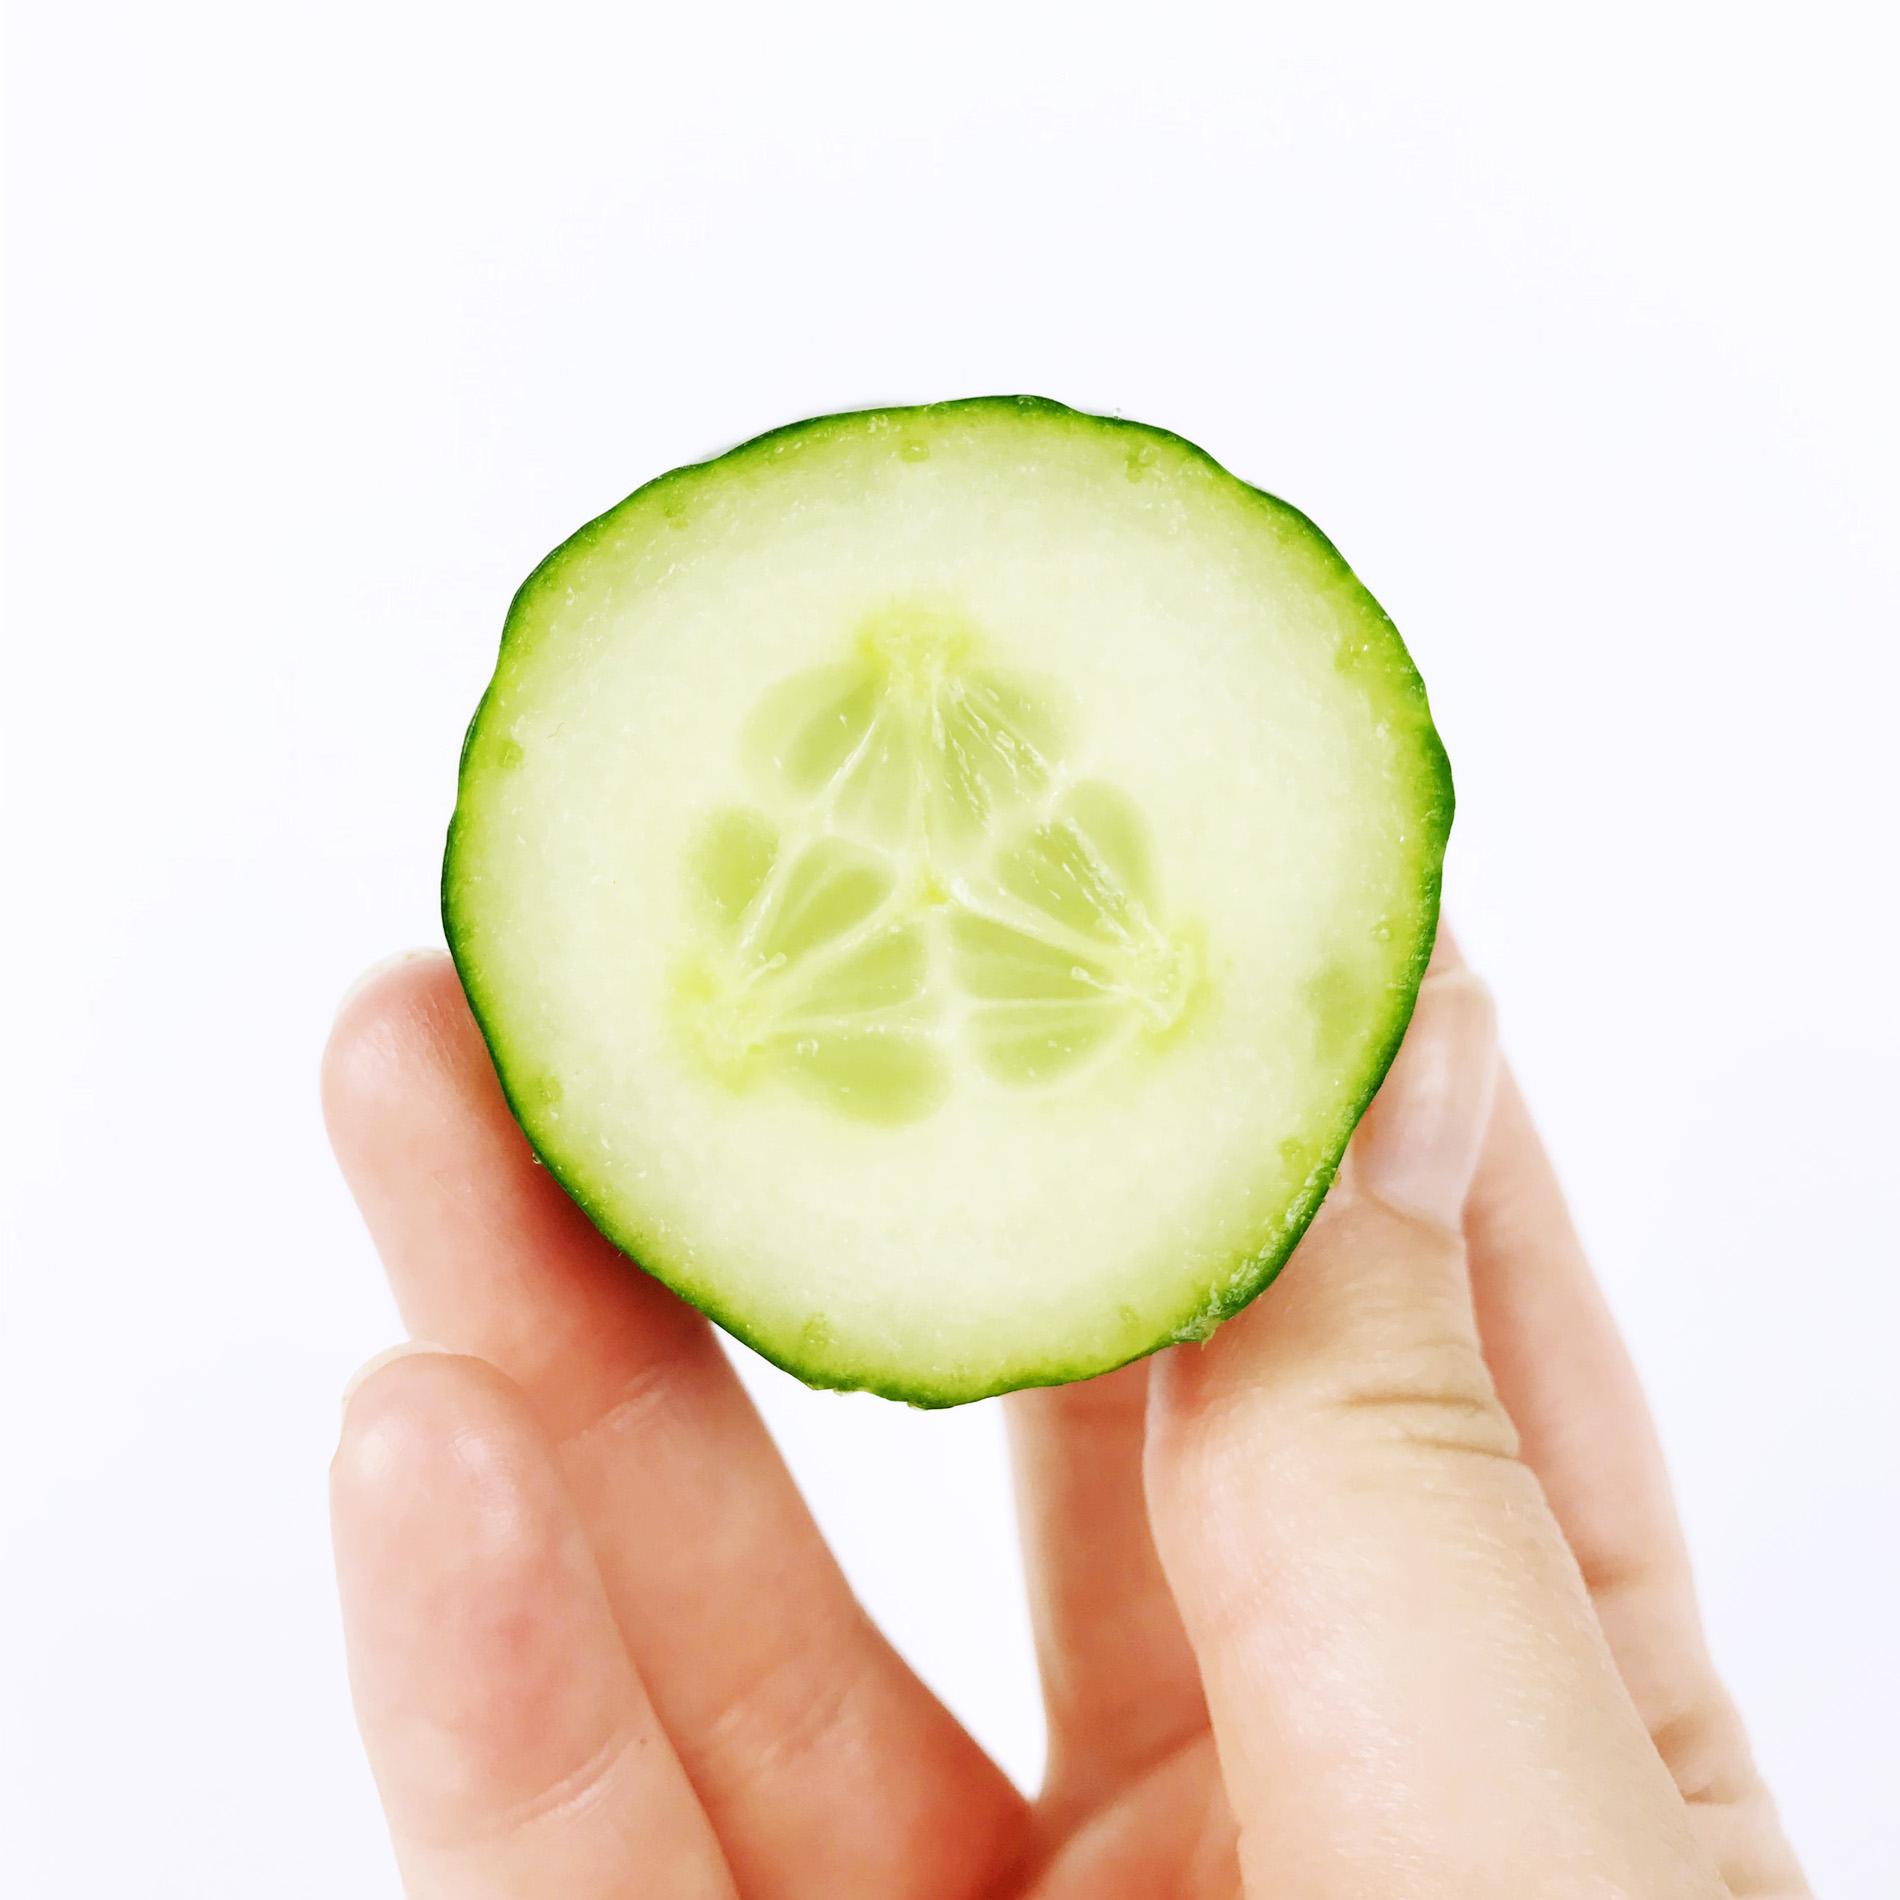 Wirkung der Gurke, Beauty Inside Out, Beauty Inside Out Gurke, Gurke ist gesund, Gurken bei sensibler Haut, Gurken bei empfindlicher Haut, sensible Haut, empfindliche Haut, Hautpflege, Gesundheit, gesund leben, Naturkosmetik, Nerven beruhigen